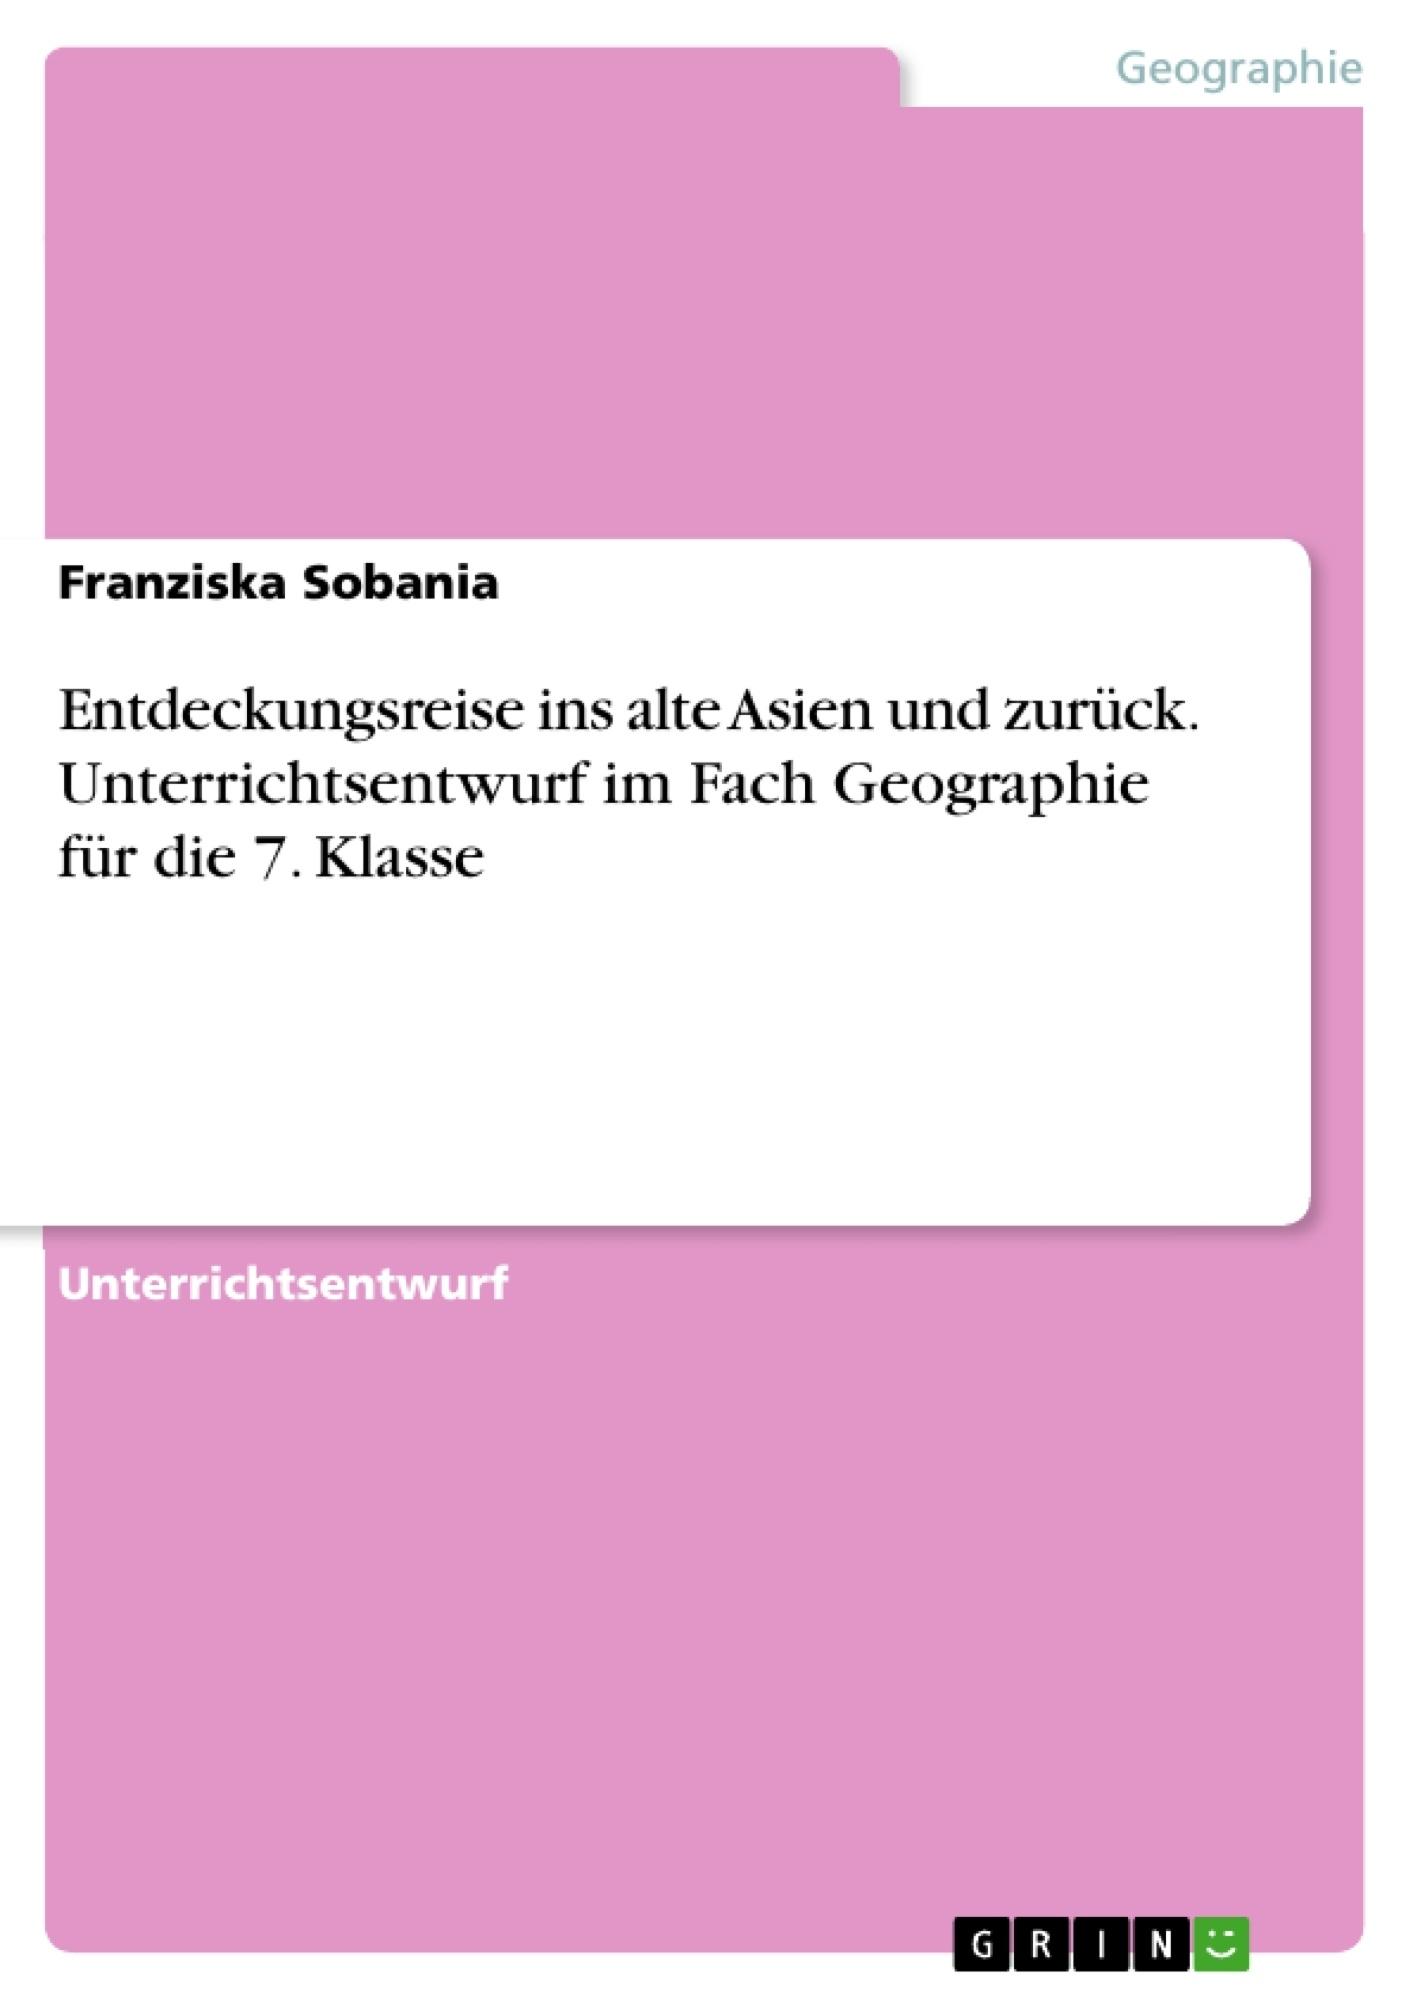 Titel: Entdeckungsreise ins alte Asien und zurück. Unterrichtsentwurf im Fach Geographie für die 7. Klasse